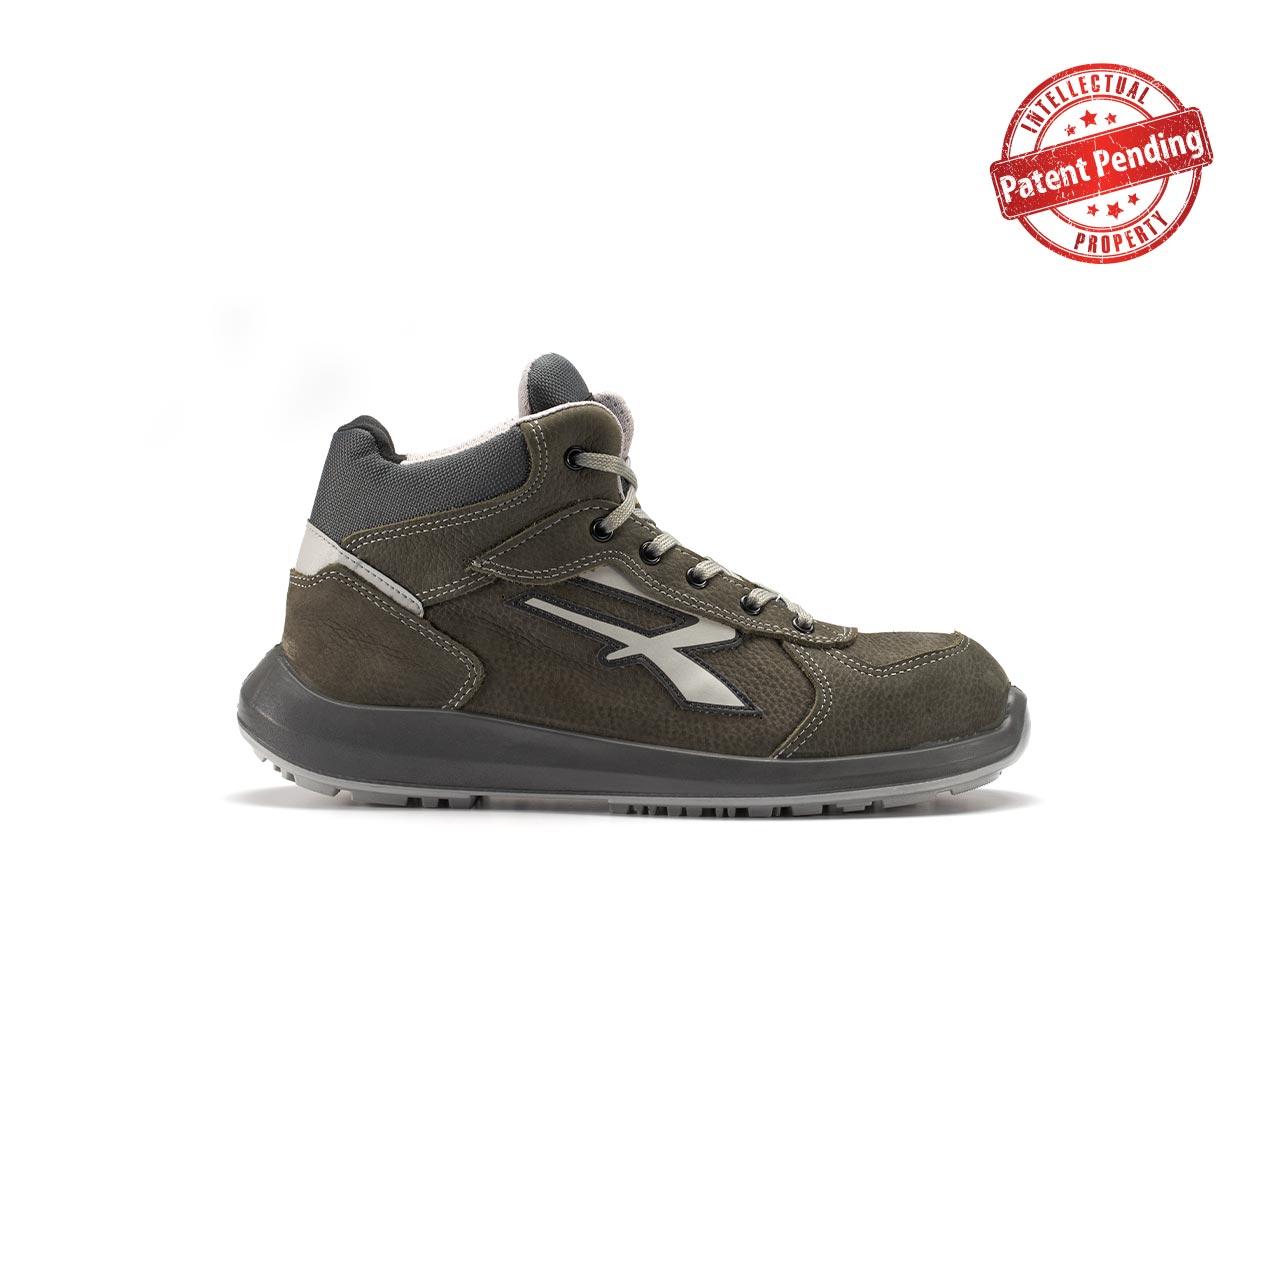 calzatura da lavoro alta upower modello merak linea redup vista lato destro